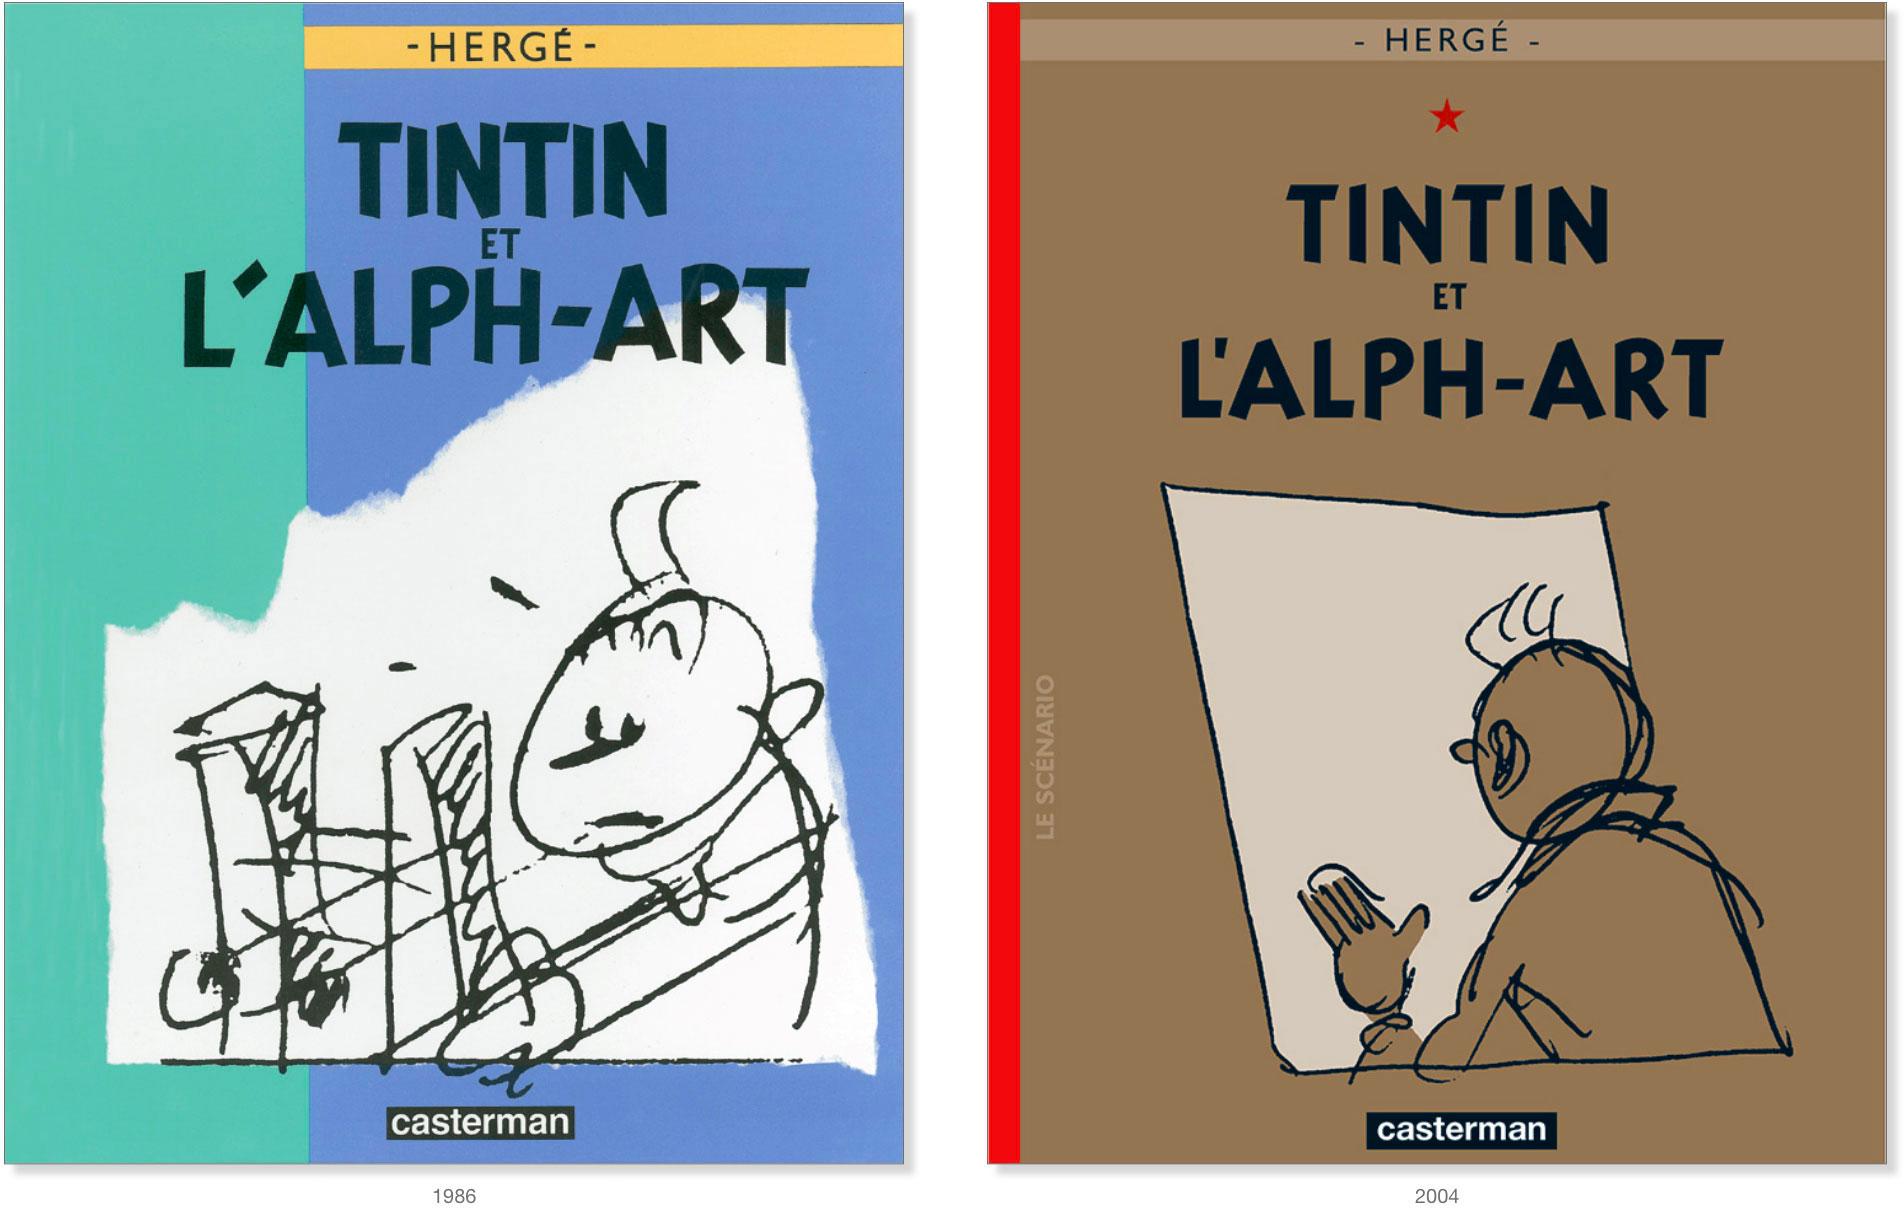 Les couverture de 1986 et 2004 de Tintin et l'Alph-Art par Hergé